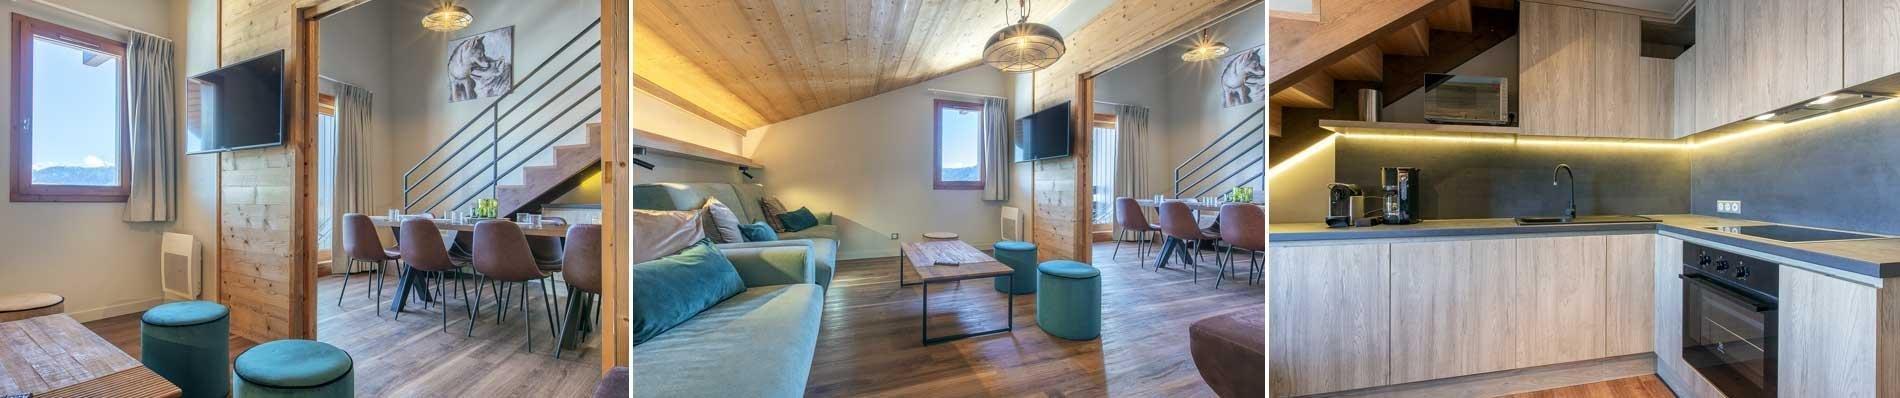 1625421583_VACANCEOLE la duit doucy valmorel wintersport ski 001